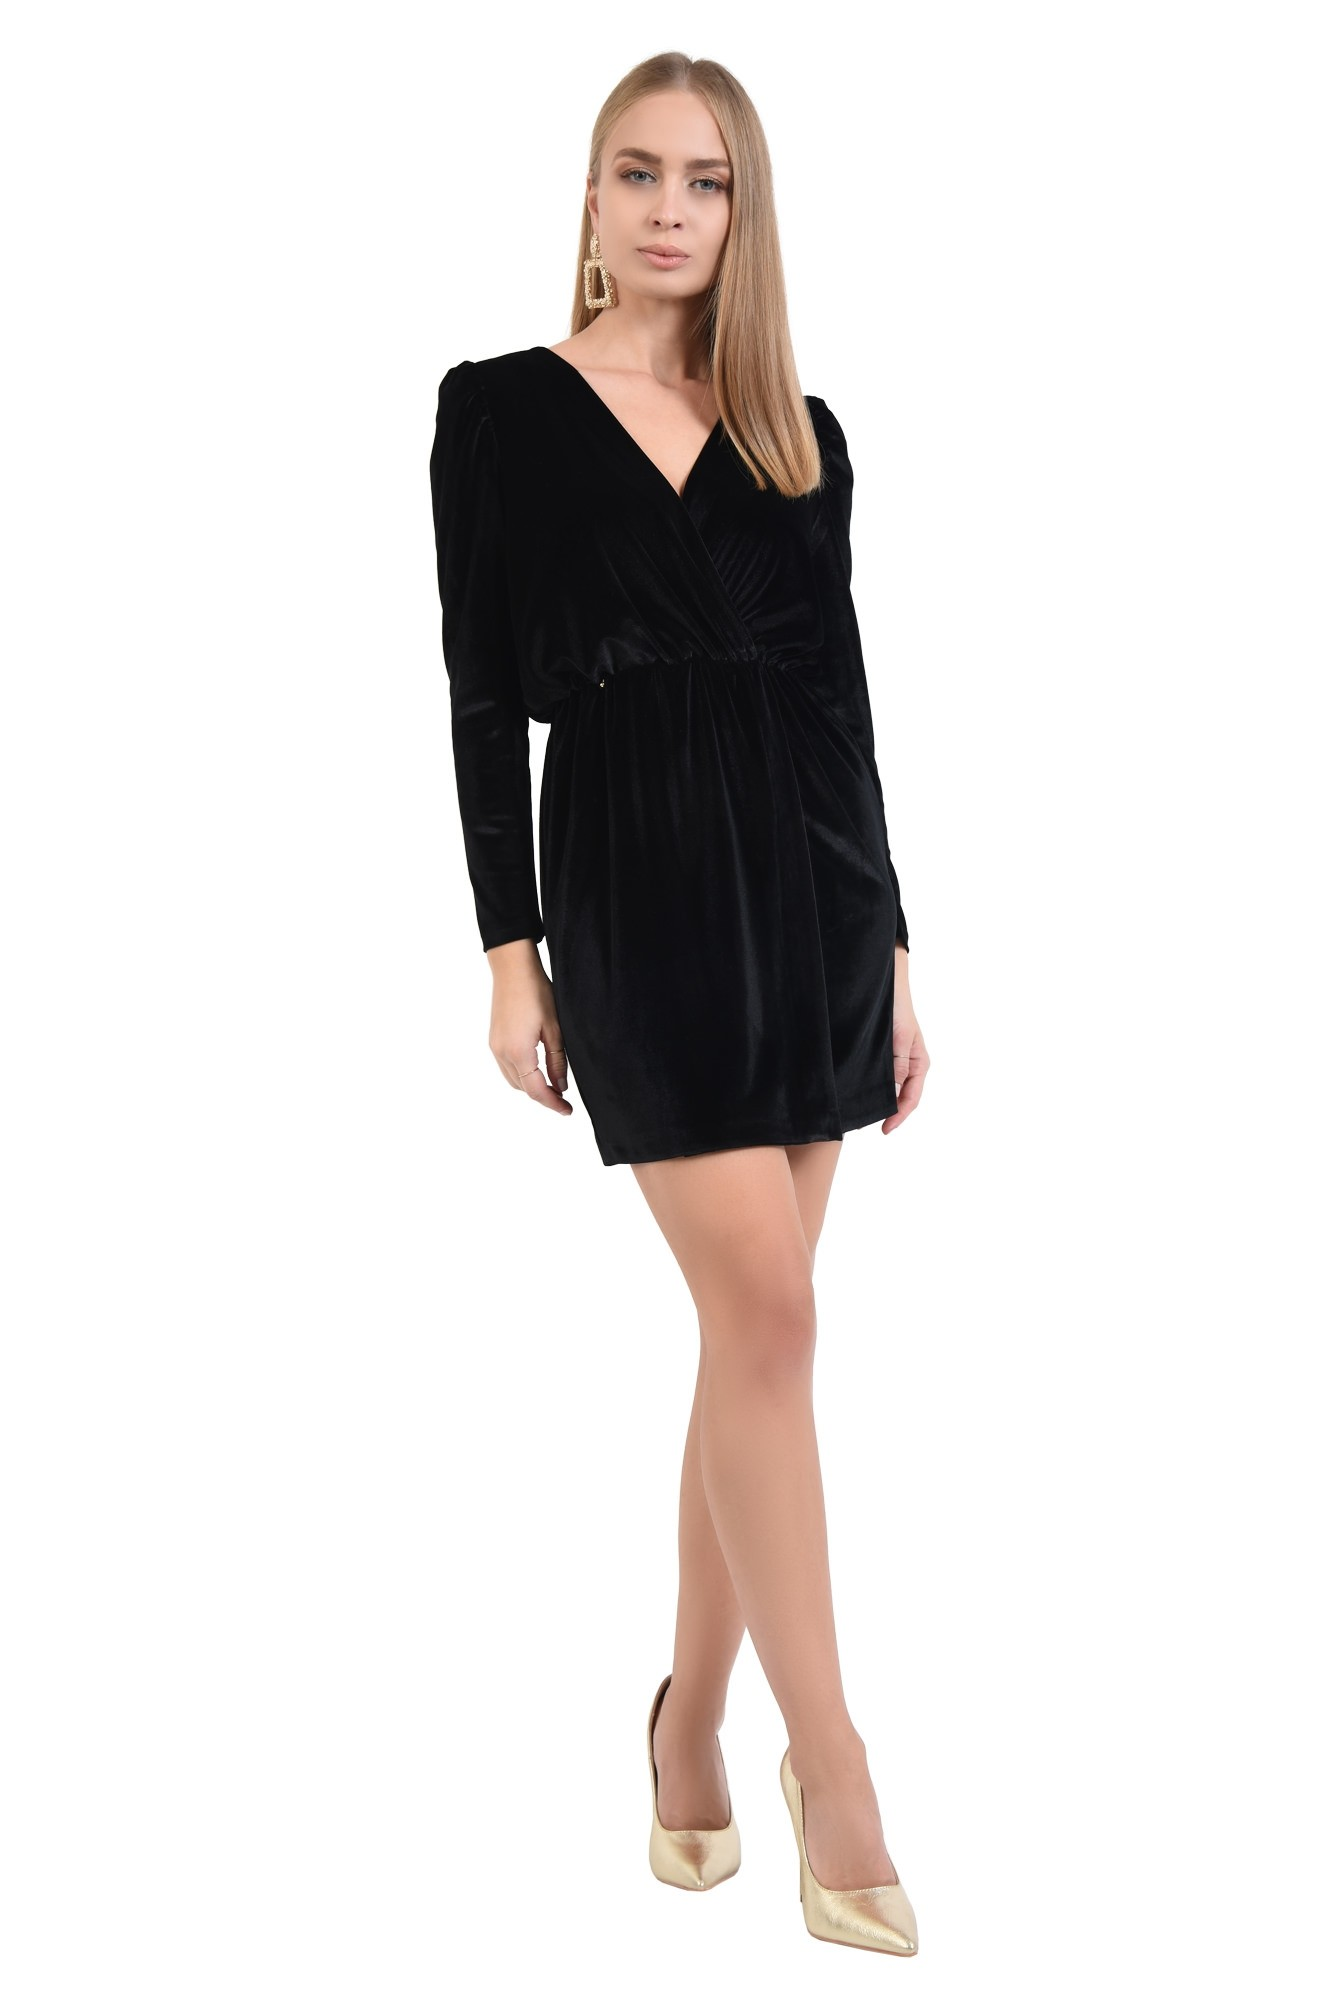 3 - 360 - rochie eleganta, neagra, scurta, decoltata, cu anchior